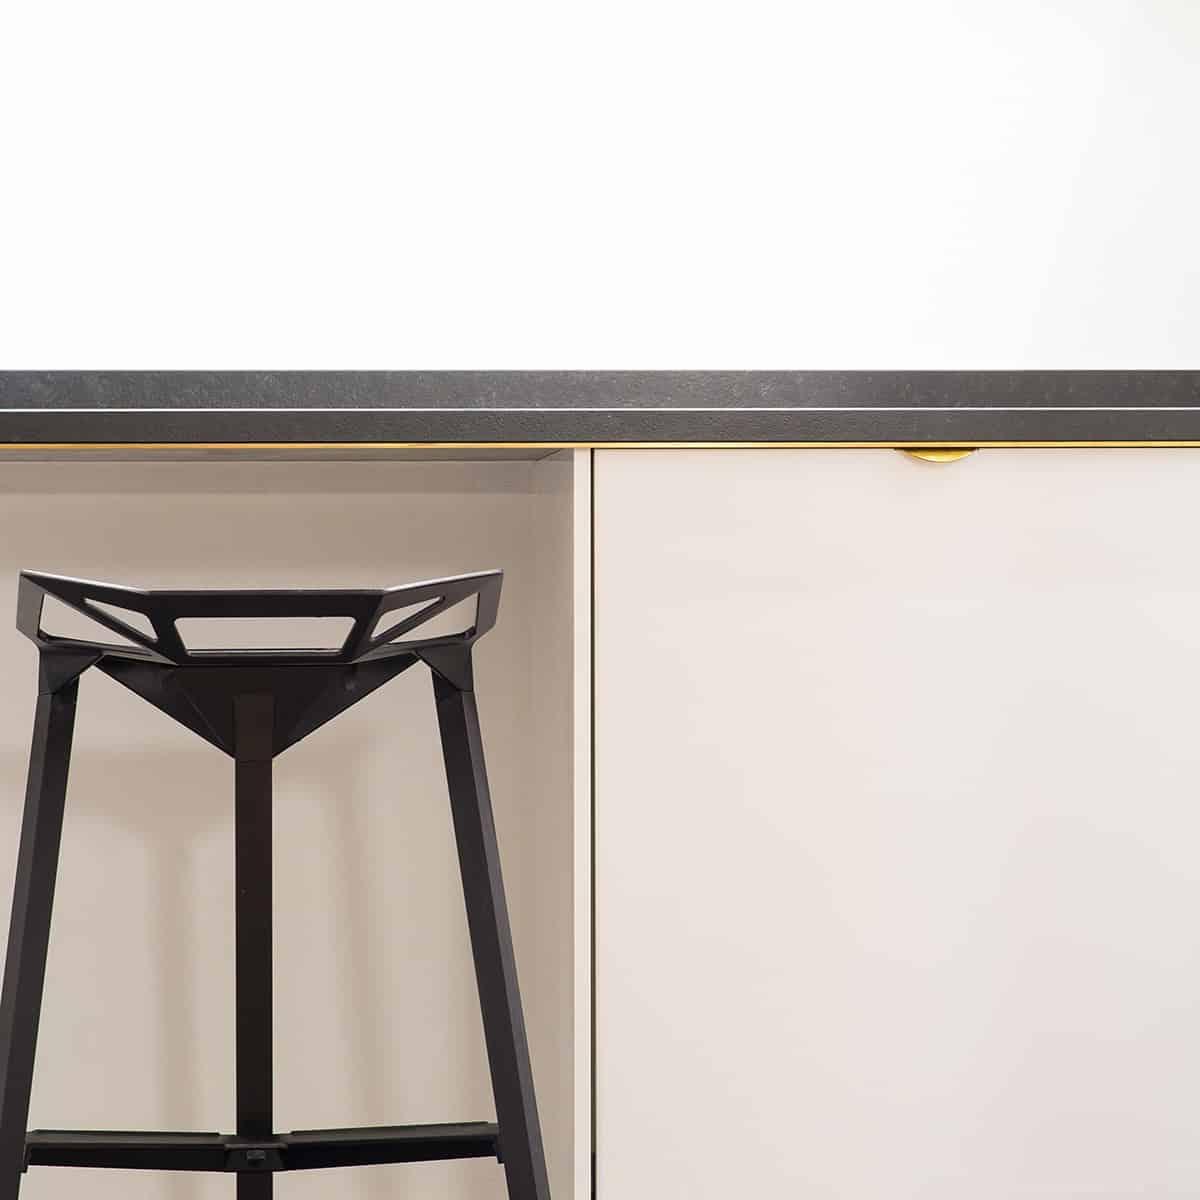 Studio photos entreprise  AE image architecture 12